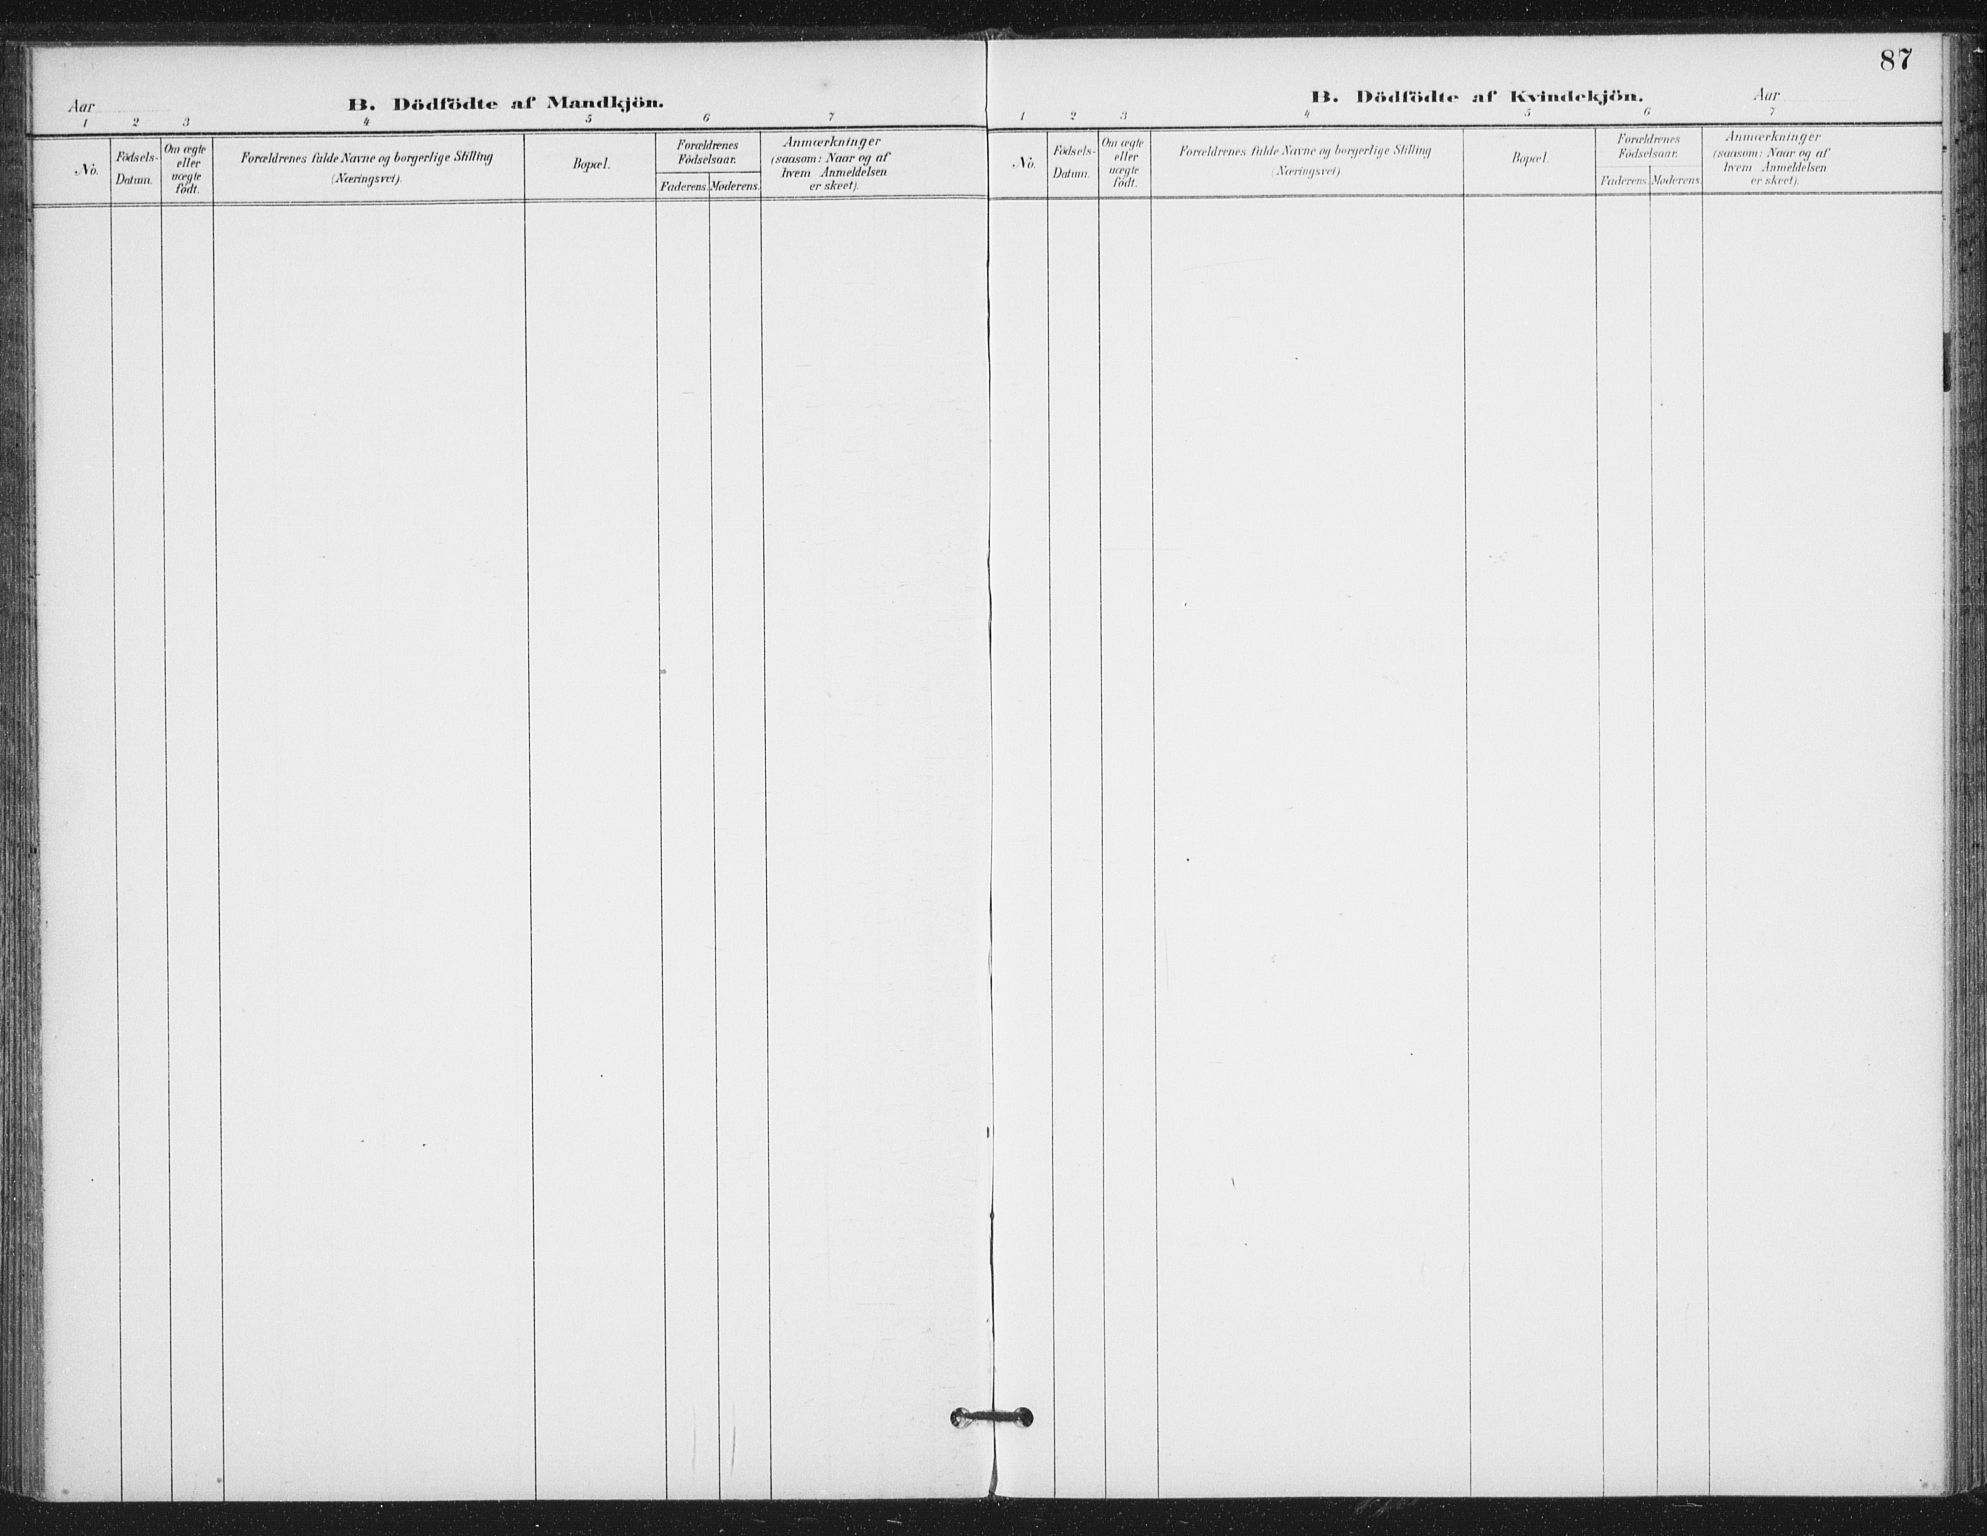 SAT, Ministerialprotokoller, klokkerbøker og fødselsregistre - Nord-Trøndelag, 714/L0131: Ministerialbok nr. 714A02, 1896-1918, s. 87